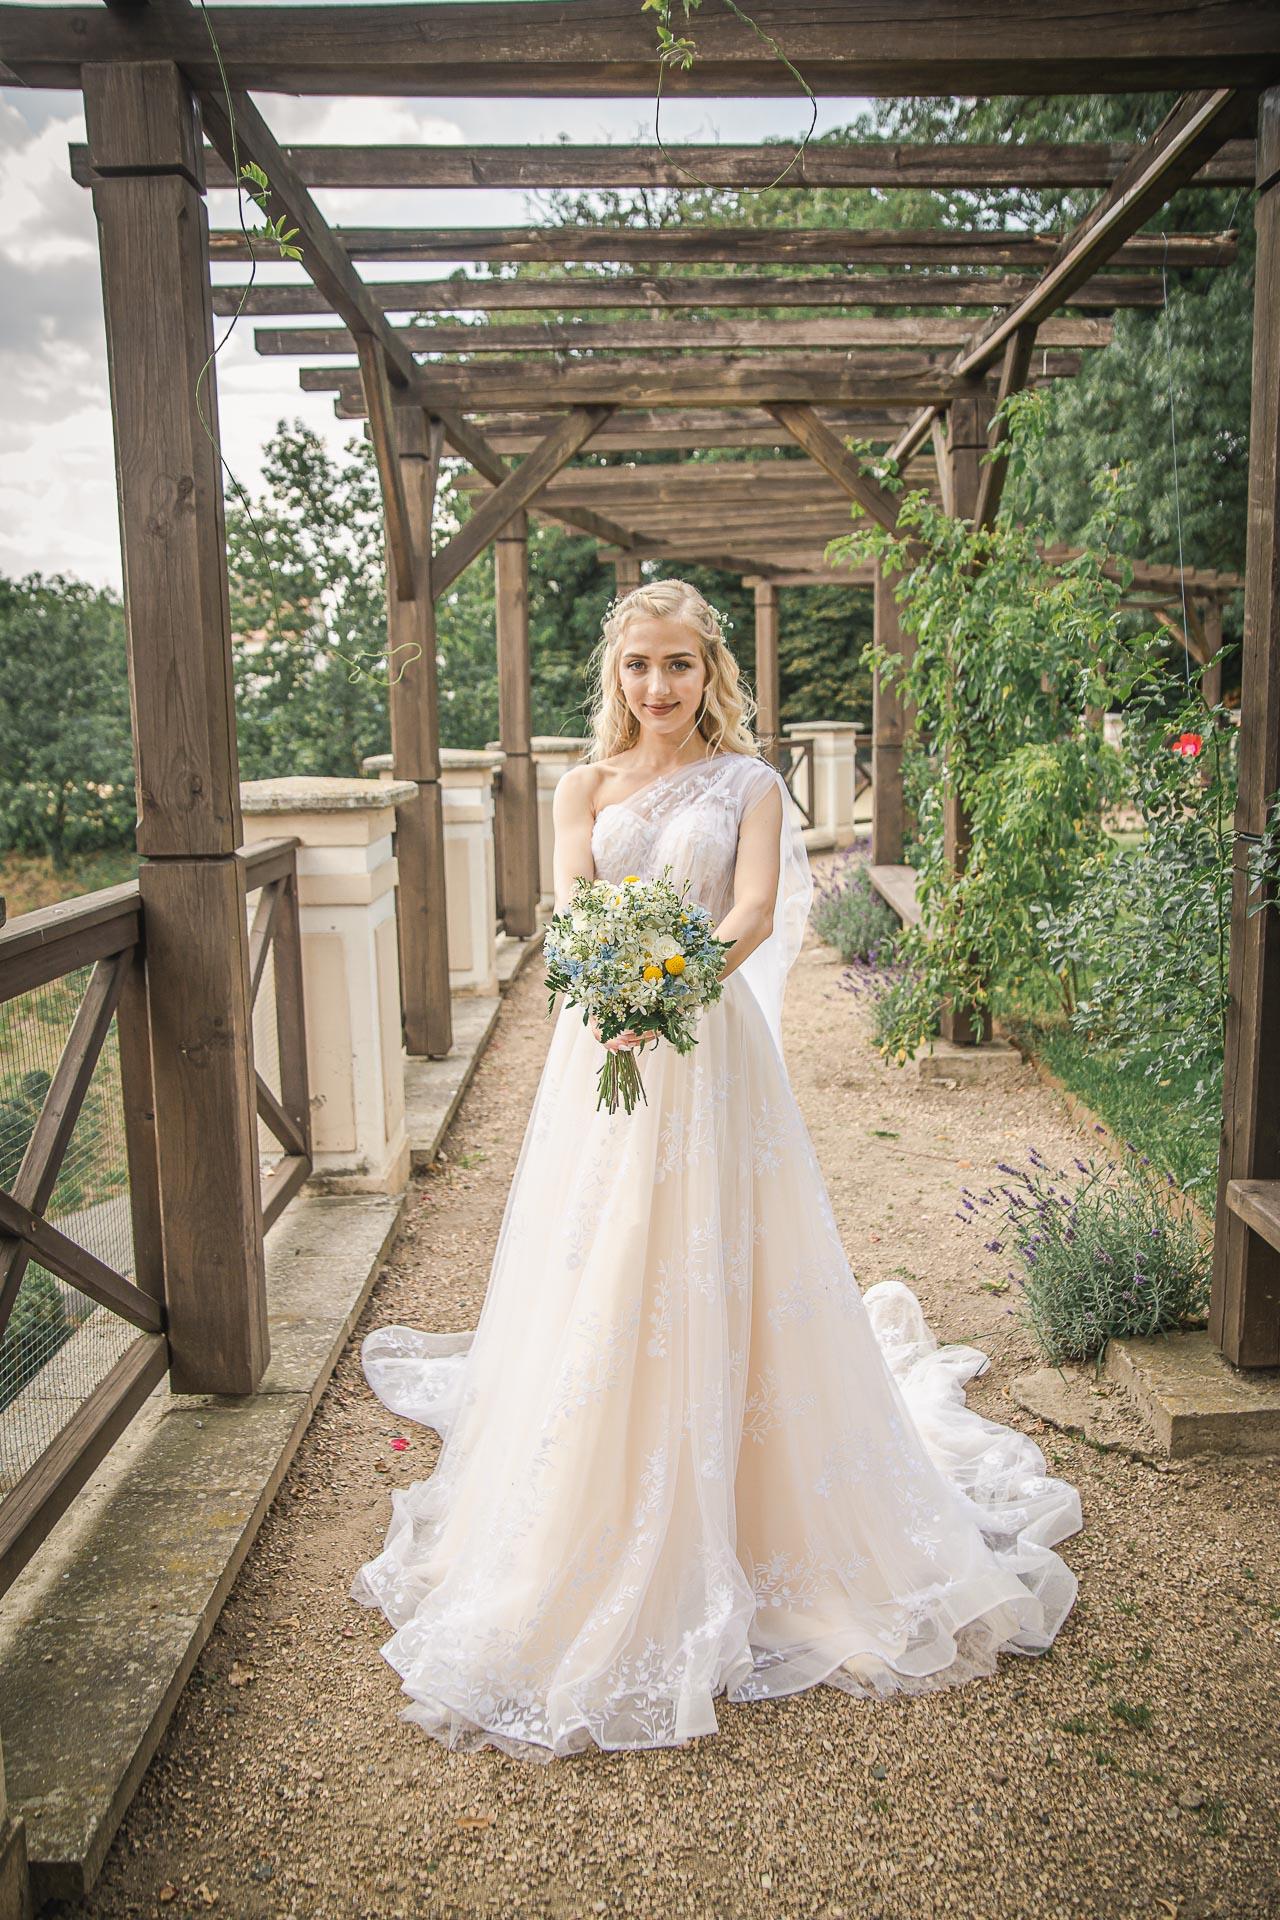 svatební-fotograf-zámek-Loučeň-svatební-video-zámek-Loučeň-4275